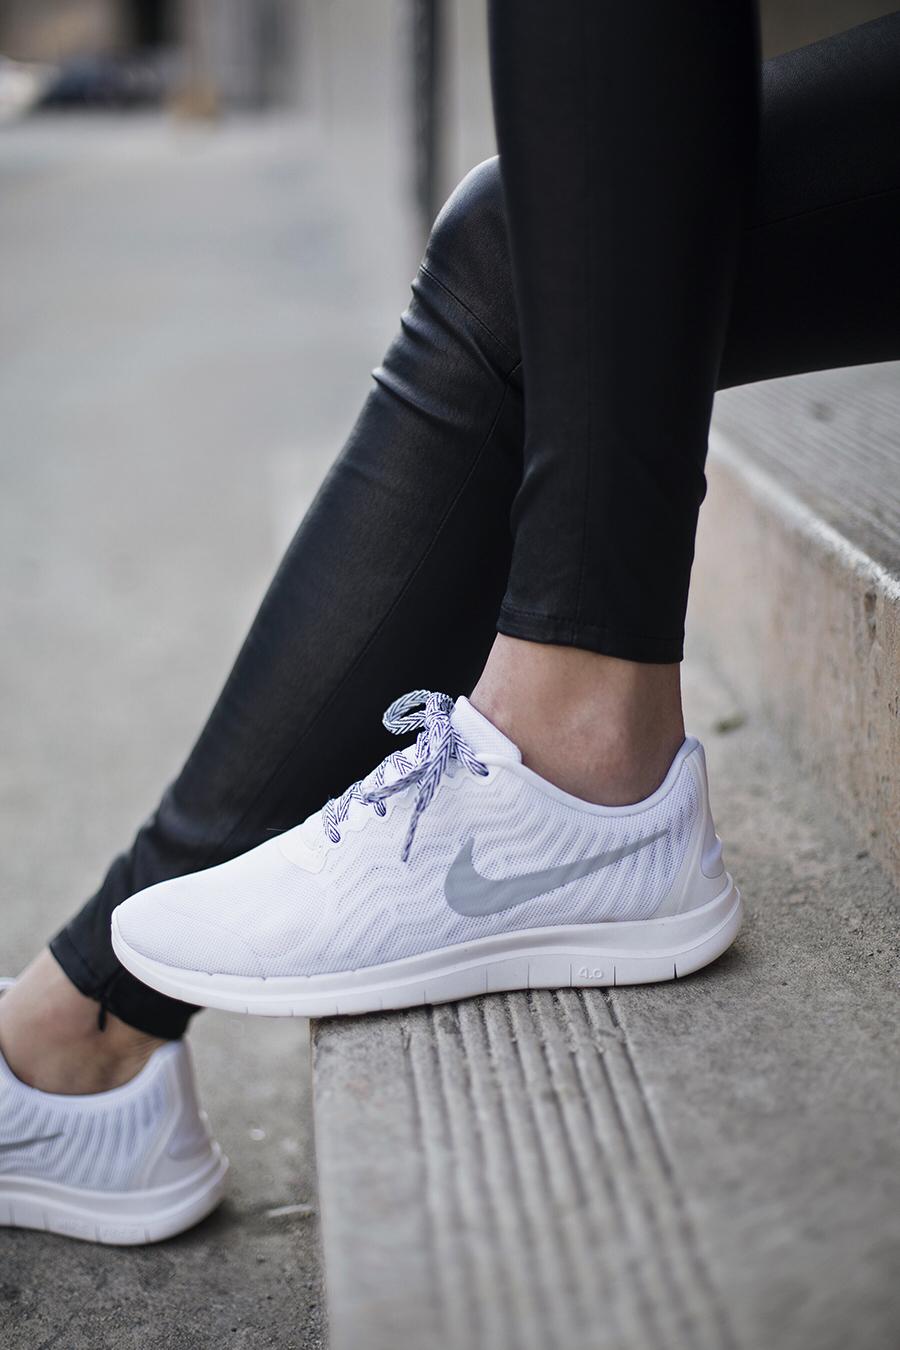 Nike iD Free 4.0 Womens Running